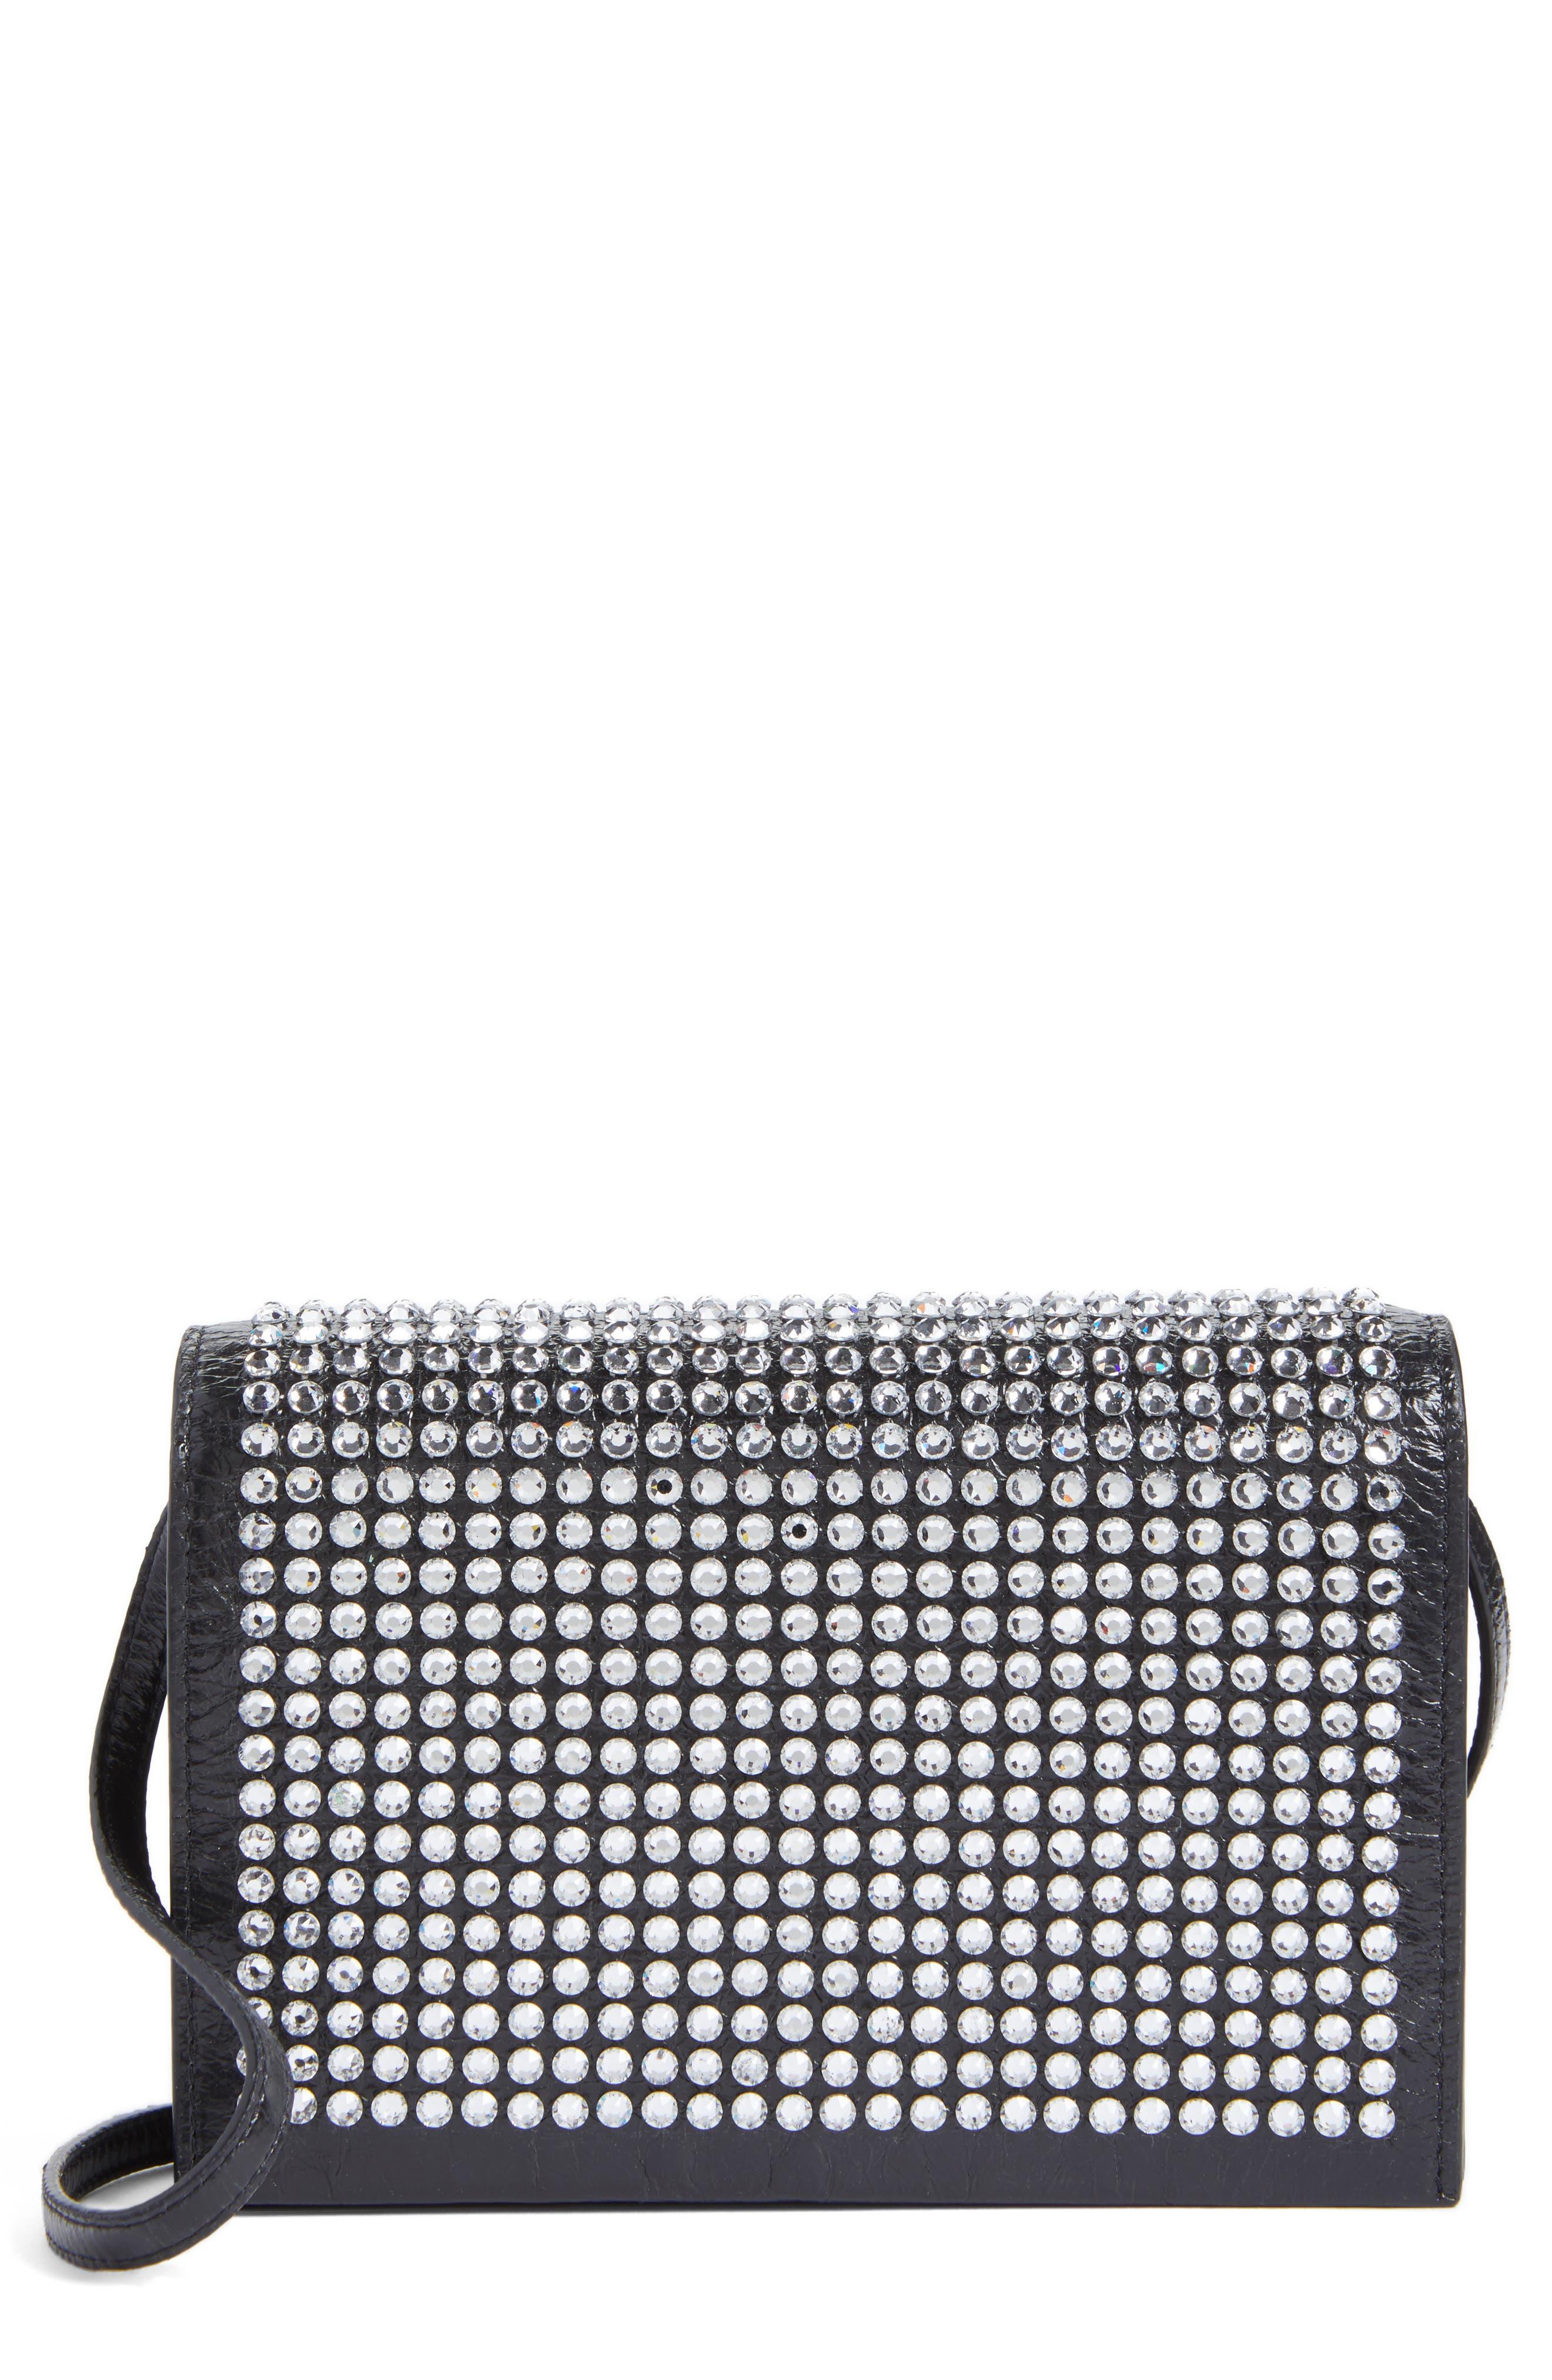 Saint Laurent Toy Kate Crystal Embellished Leather Crossbody Bag